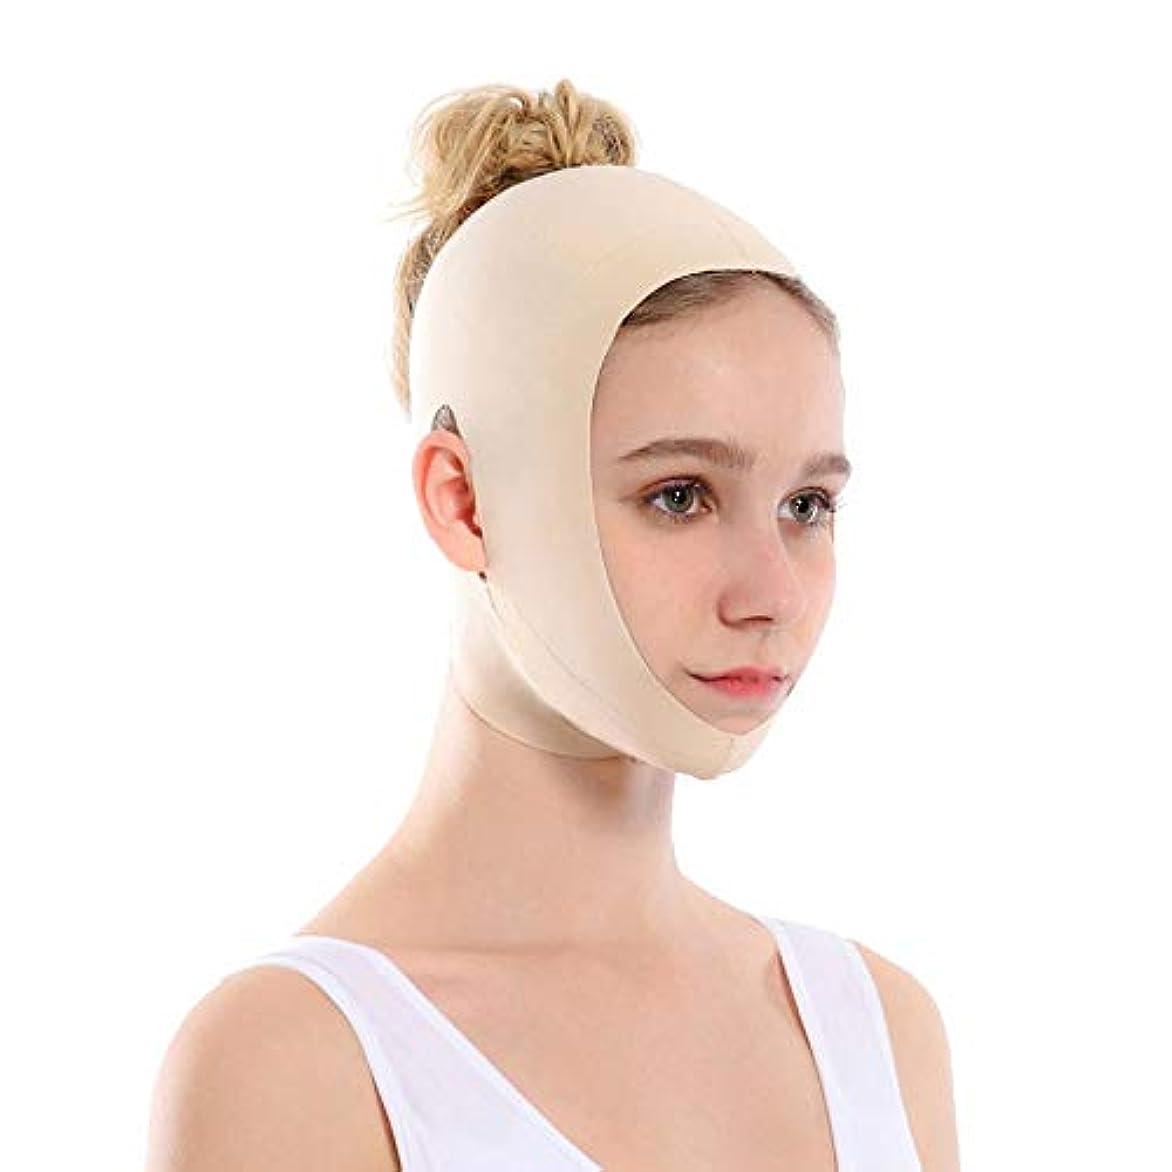 審判完全に乾く道を作るJia Jia- 顔を持ち上げるアーティファクトVフェイス包帯リフティング引き締め睡眠薄い顔を整形持ち上げる顔を二重あご矯正 - 肌の色 顔面包帯